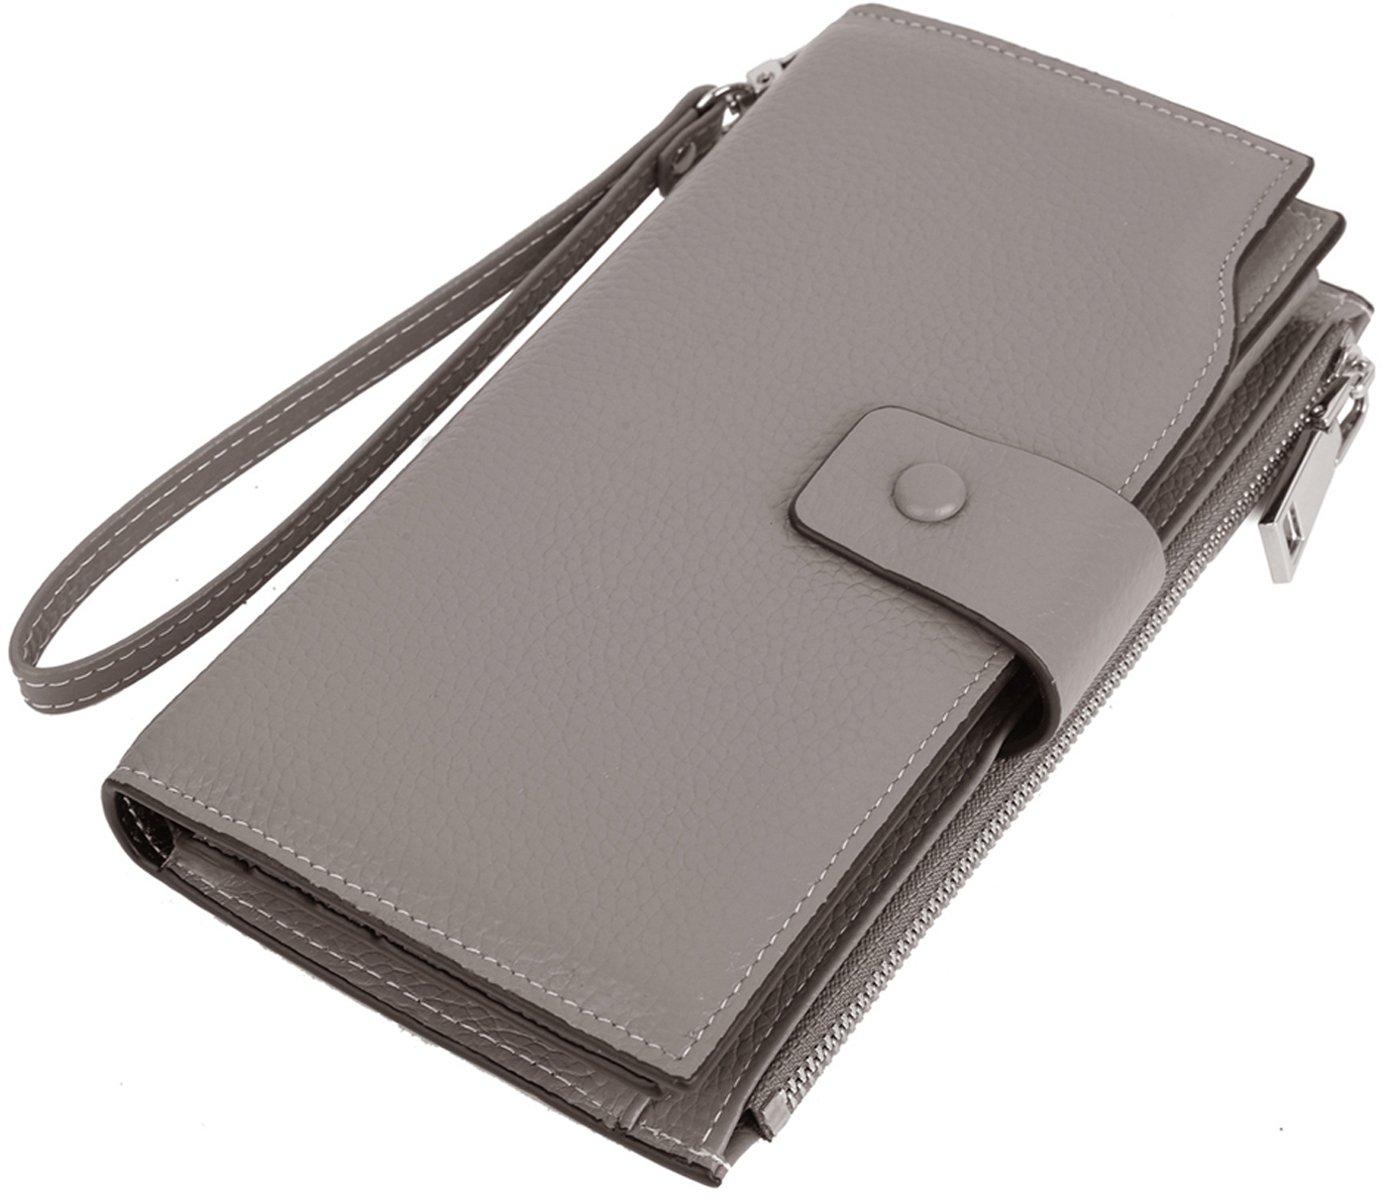 [ヤラックス]Yaluxe レディース RFID ブロッキング 通勤 二つ折り 本革 27枚カード入れ可能 長財布 B0711Q9849 グレー#2152 グレー#2152